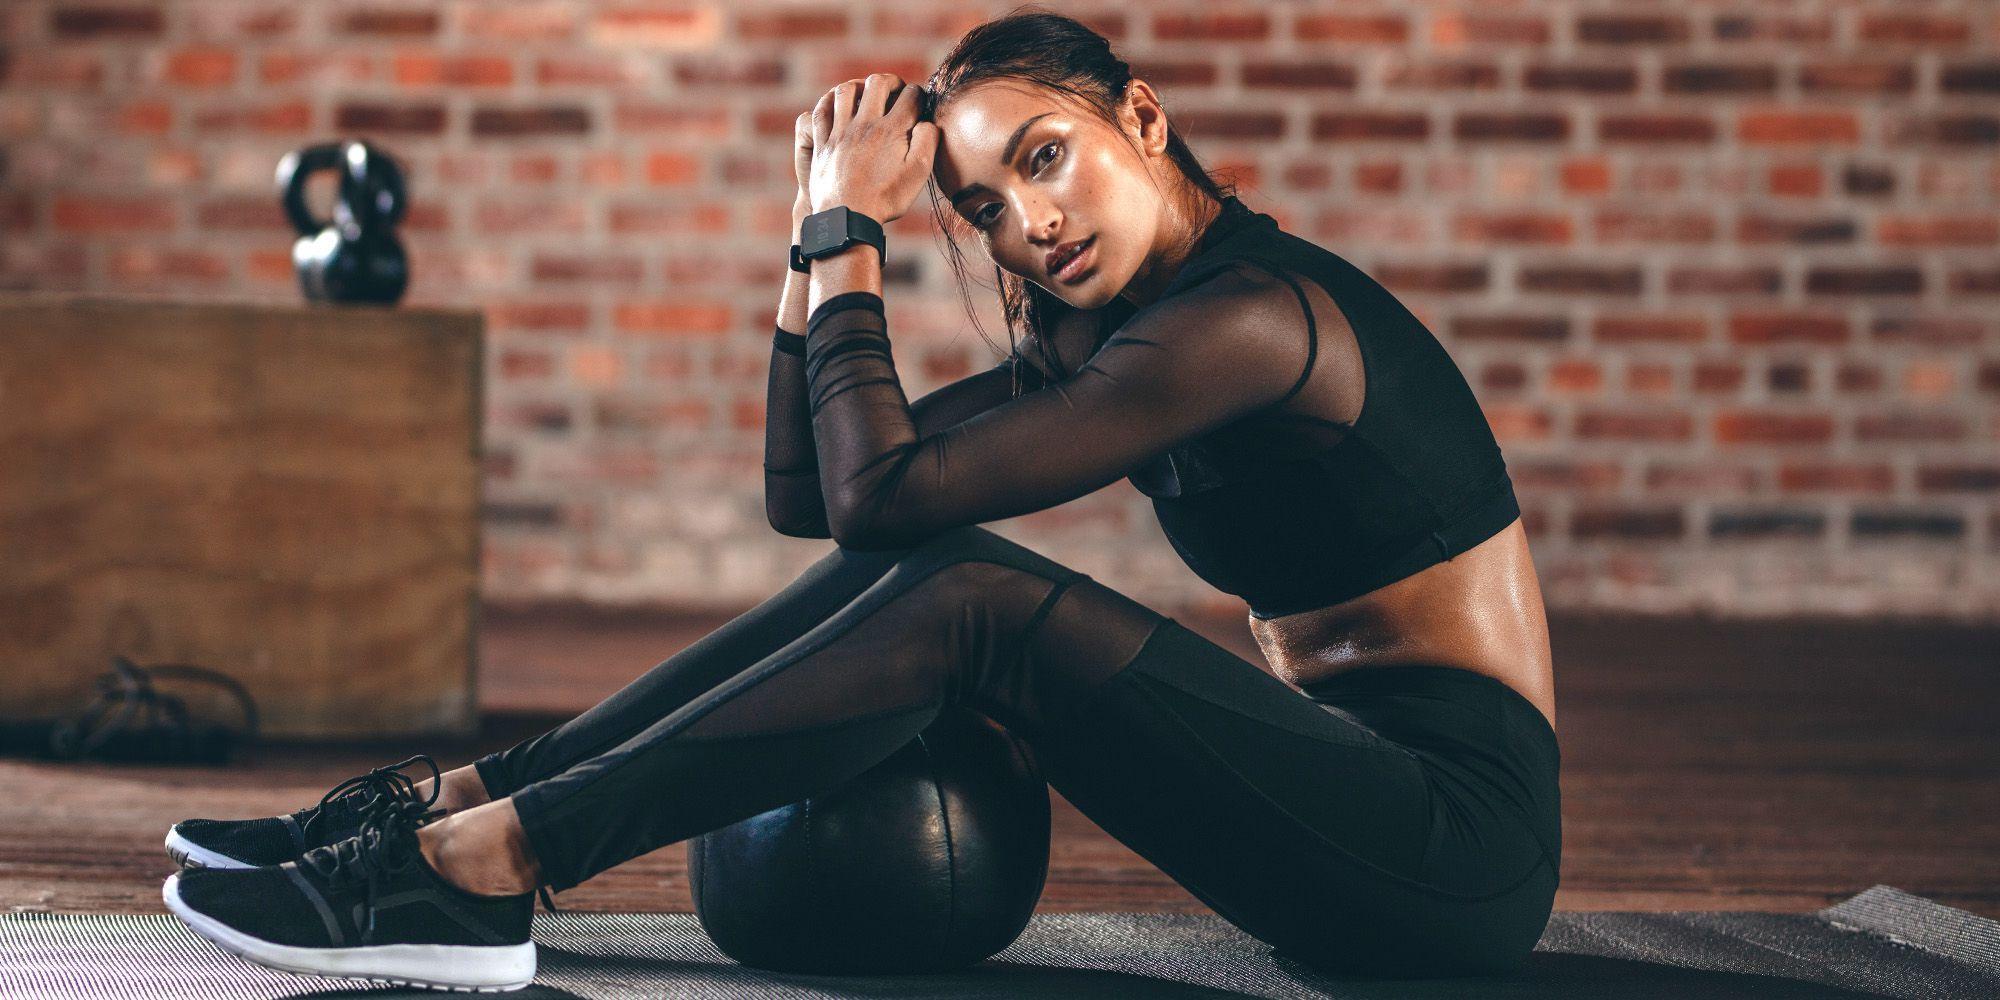 Lưu ý khi tập Gym giảm mỡ cho nữ